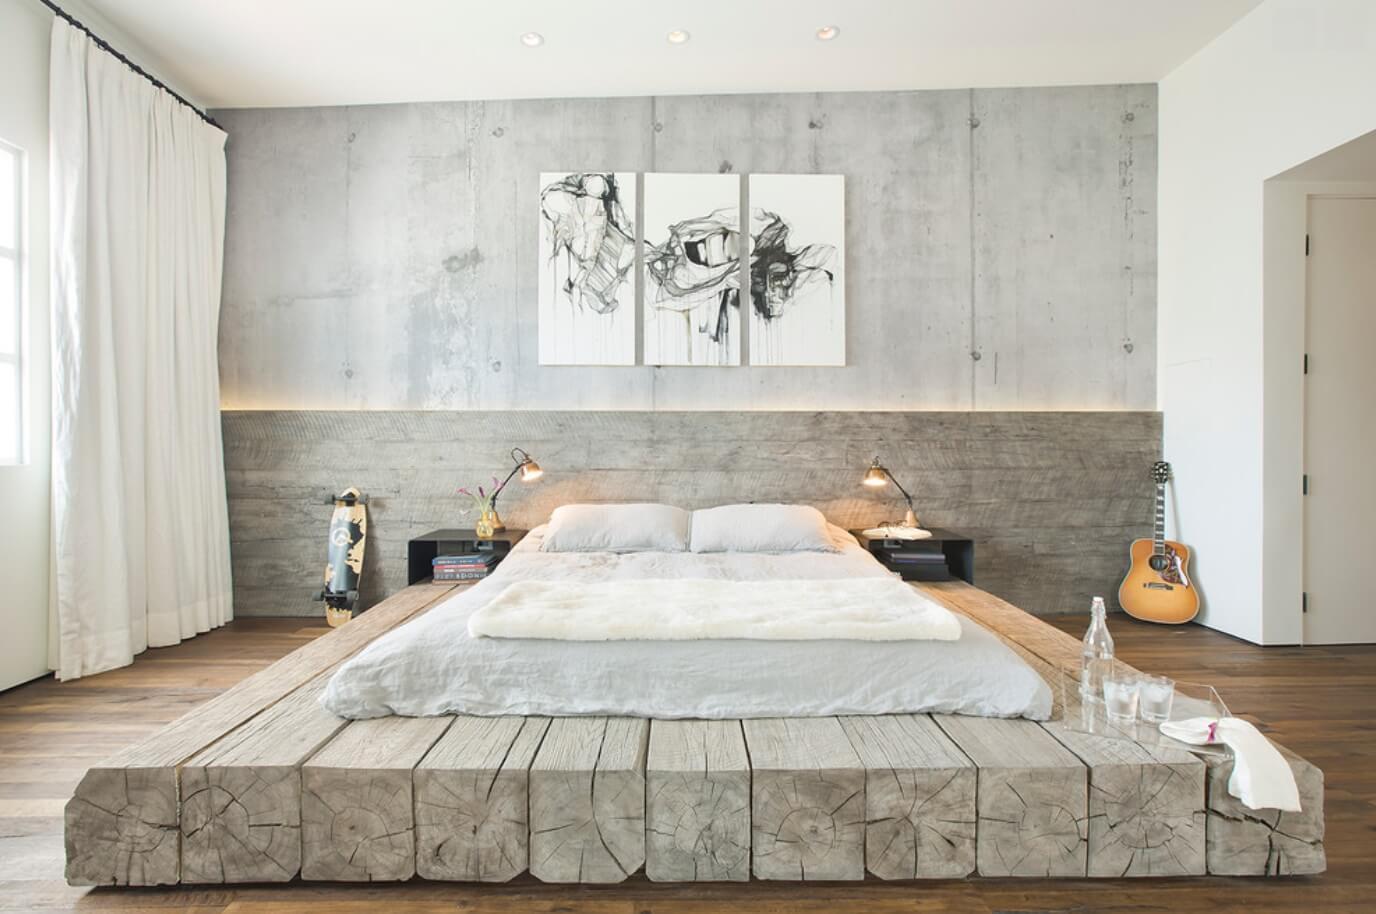 Оригинальной идеей станет установка подиума взамен каркаса кровати